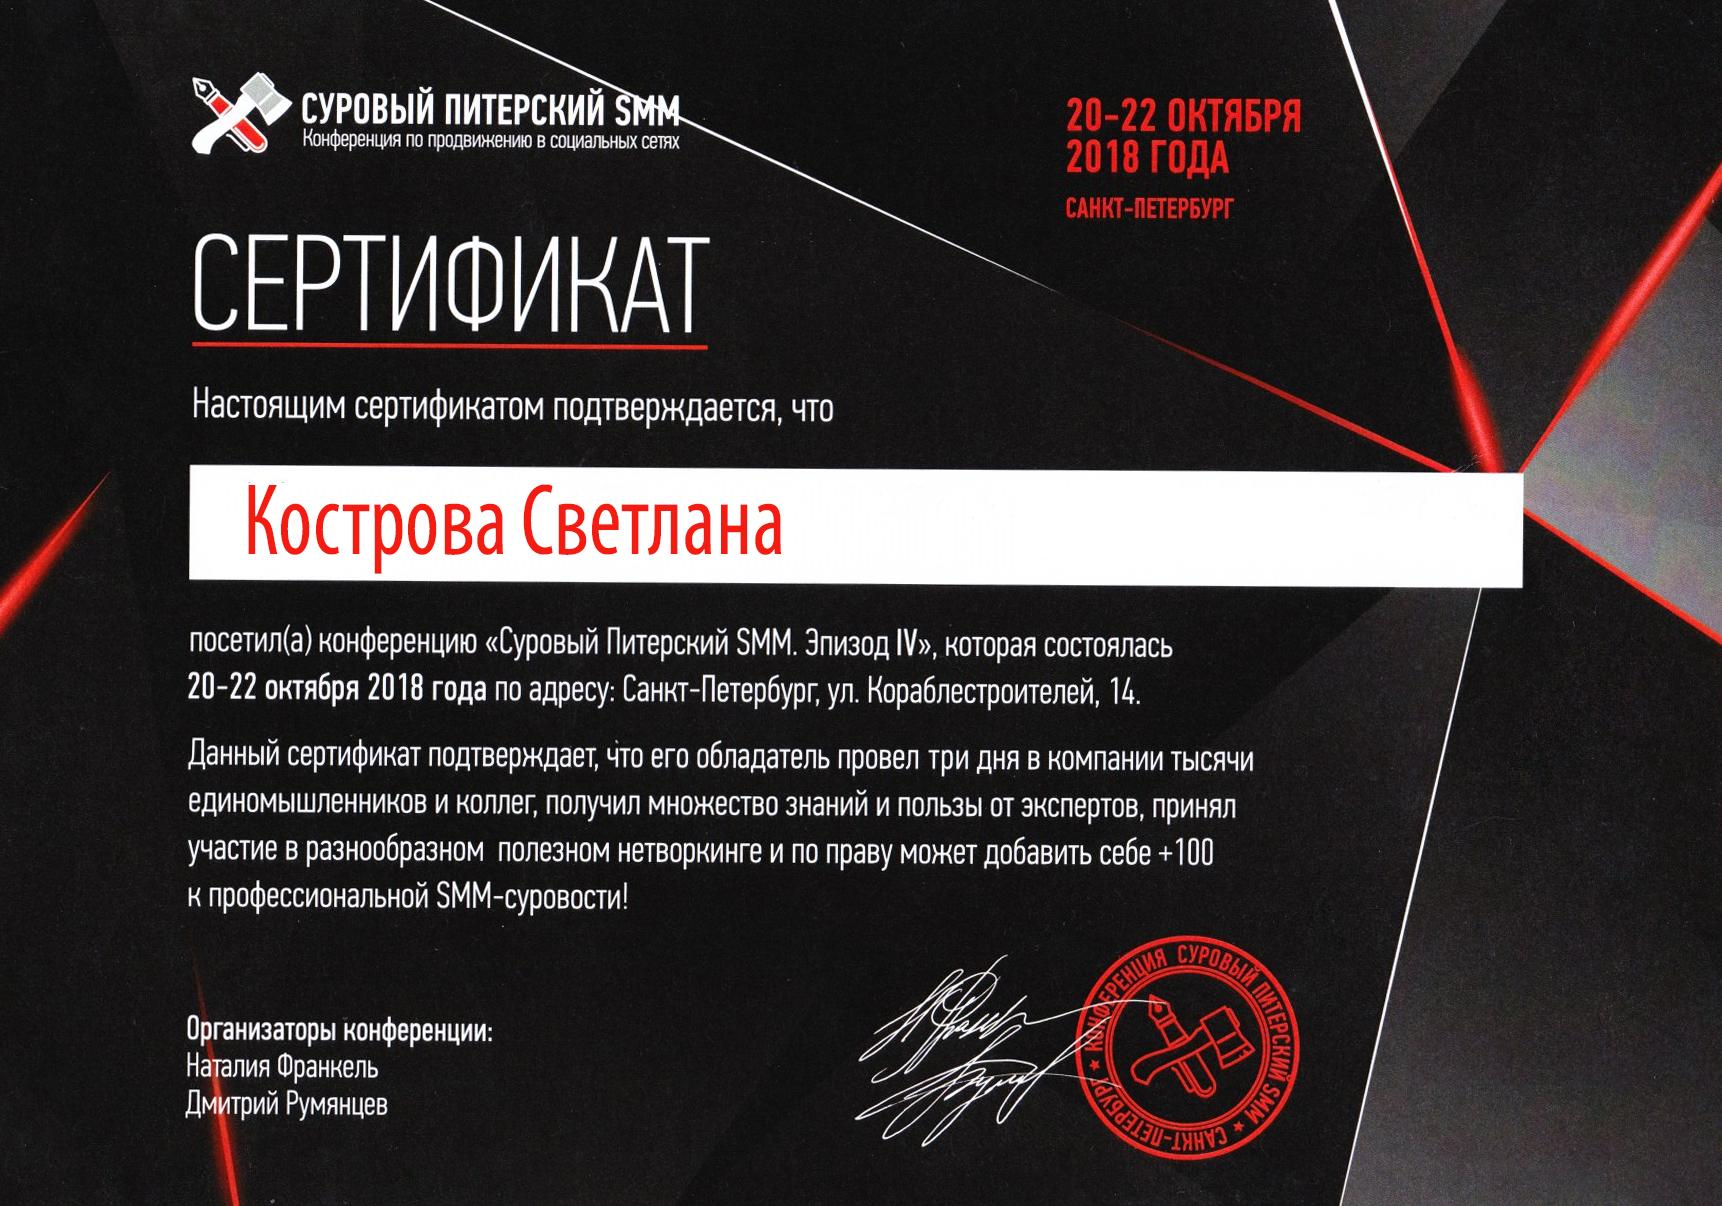 сертификат суровый питерский смм